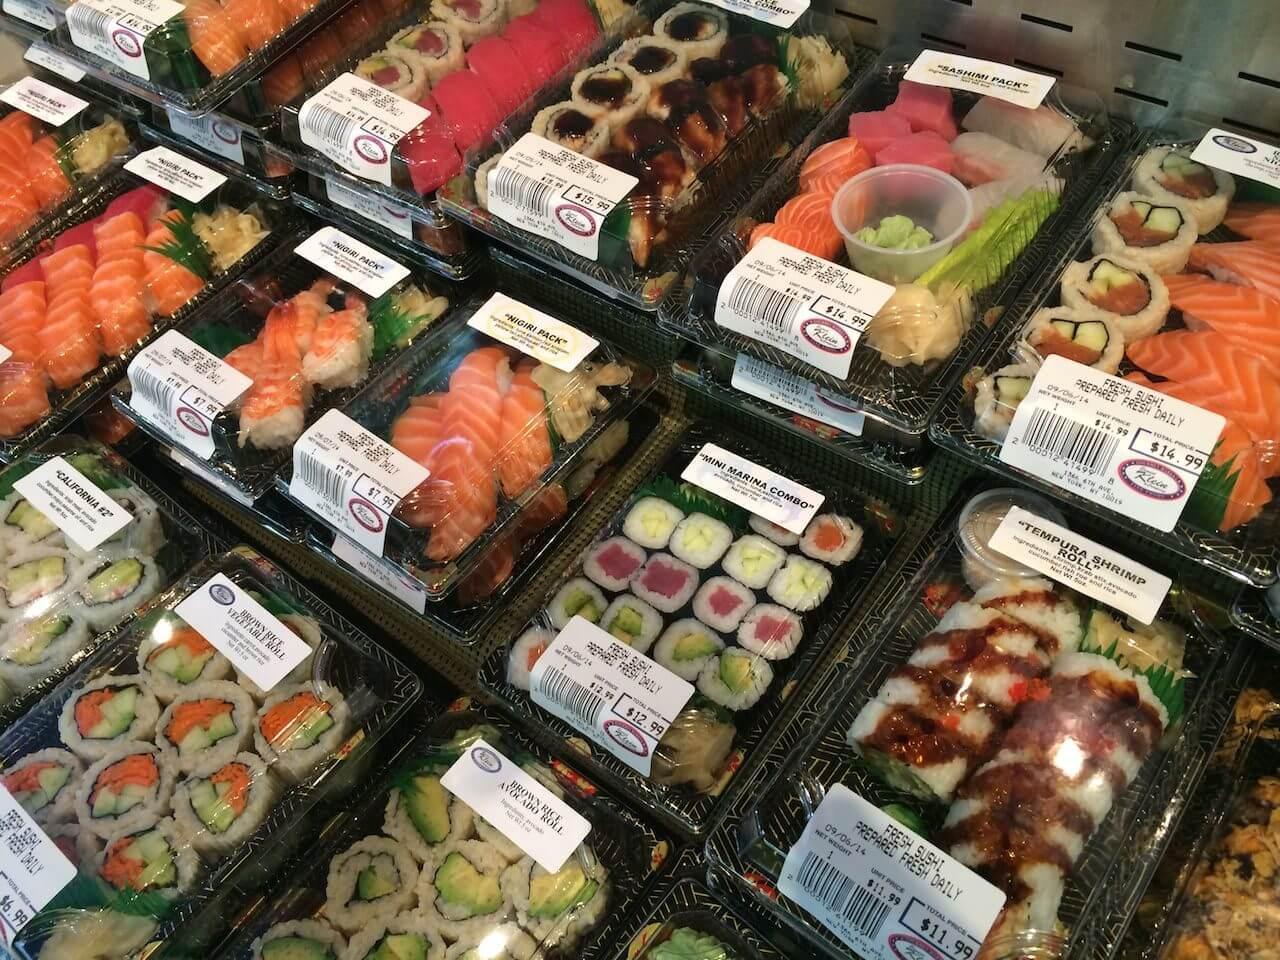 Sushi z marketów, którym trollowałem was kilka tygodni temu. Chyba w moim tekście, wychwalającym je, zapomniałem wspomnieć, że tak naprawdę to sushi jest robione na miejscu i od wykonania do spożycia mija mniej więcej tyle czasu, ile w Warszawie czeka się na dowóz. Od restauracyjnego różni się praktycznie niczym.